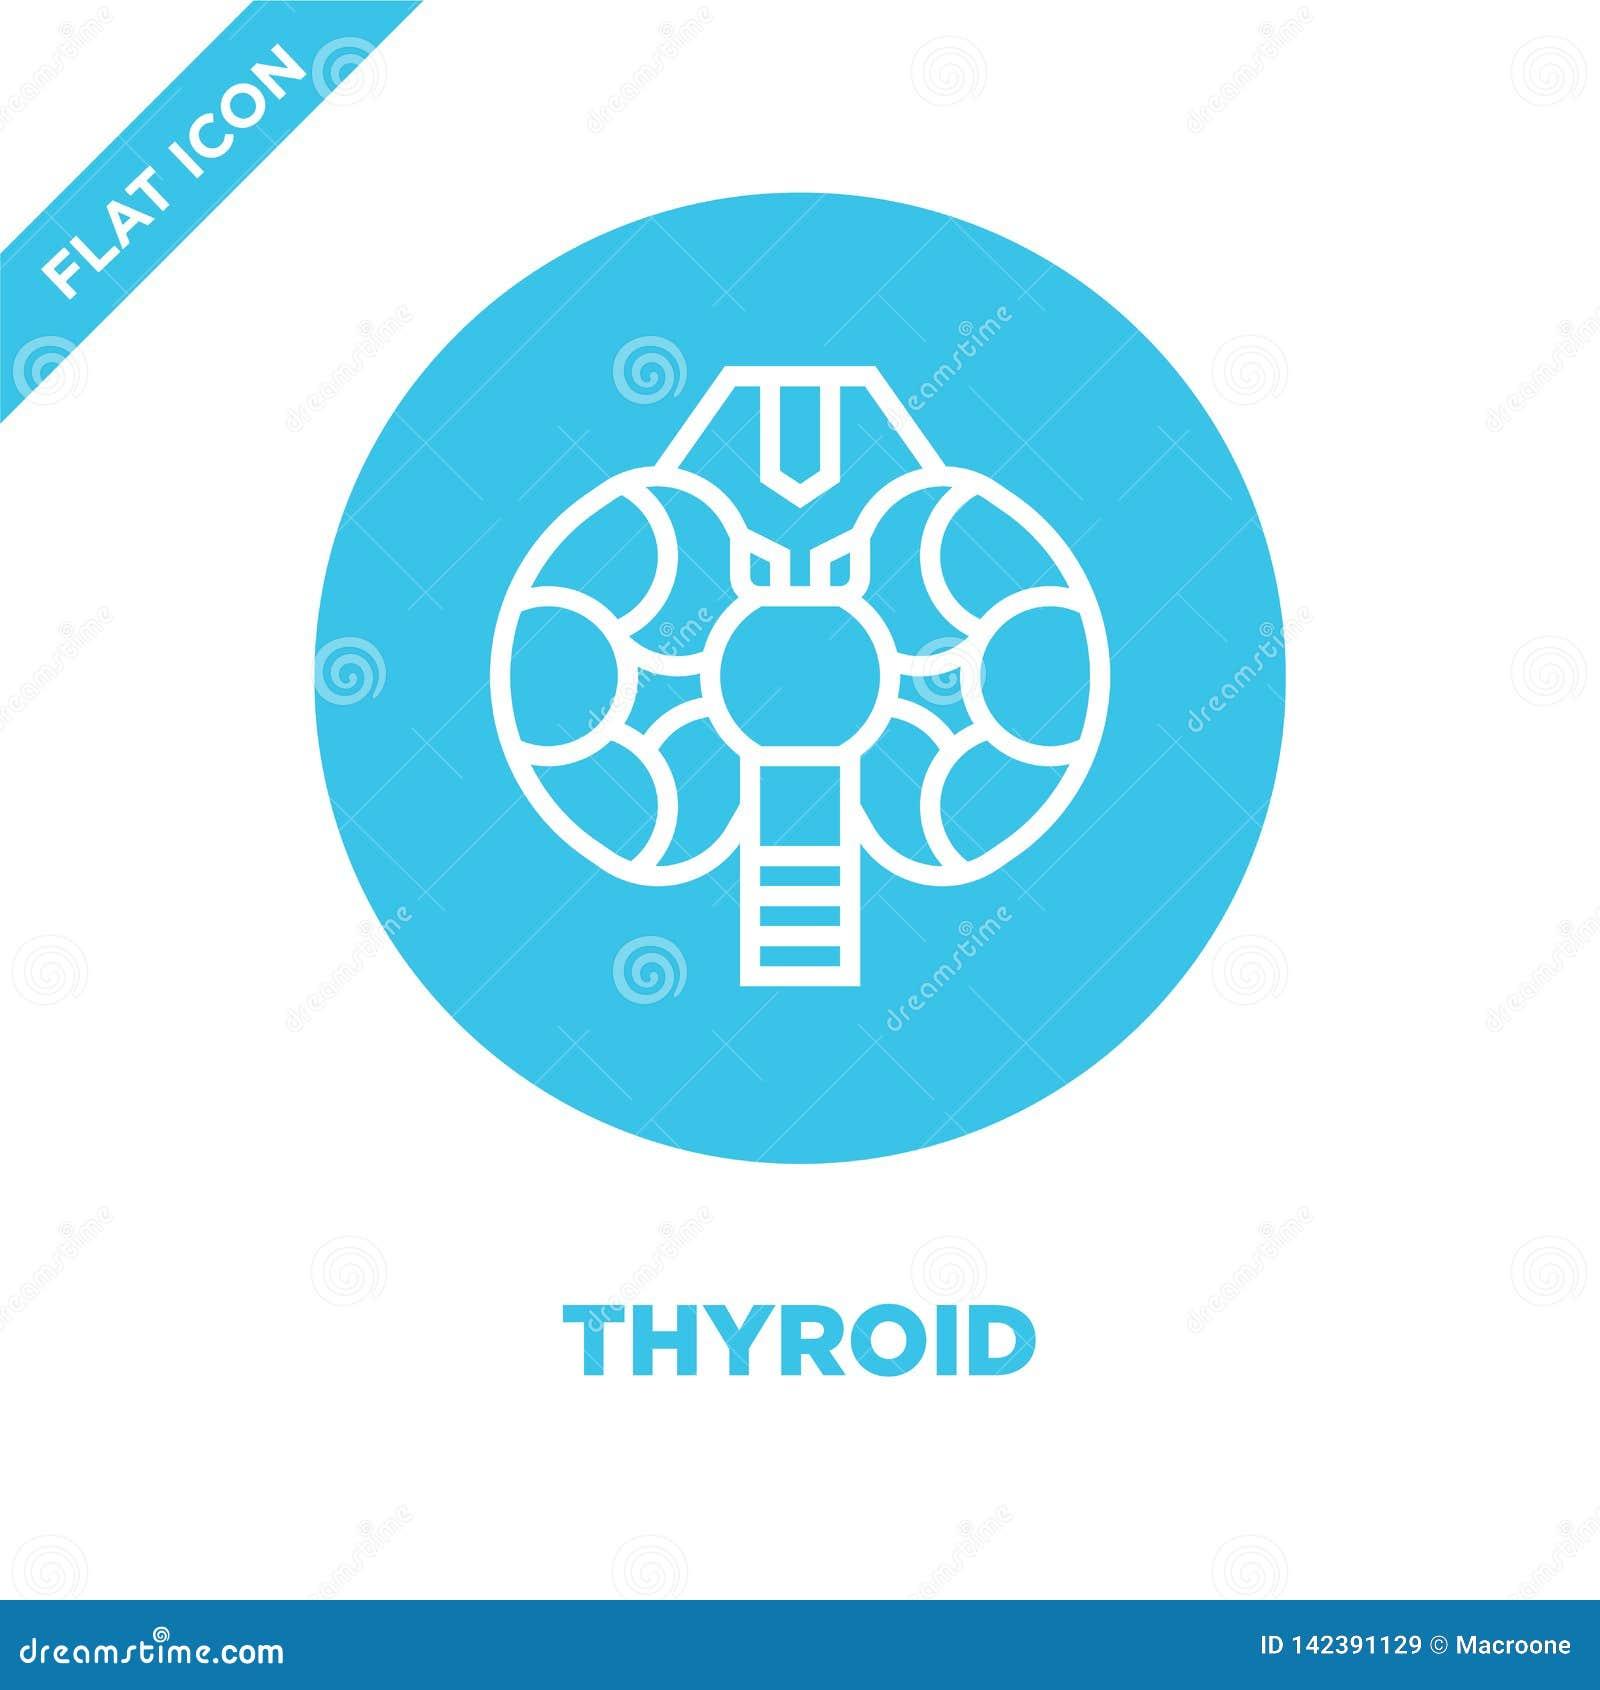 Vetor do ícone do tiroide da coleção dos órgãos humanos Linha fina ilustração do vetor do ícone do esboço do tiroide Símbolo line